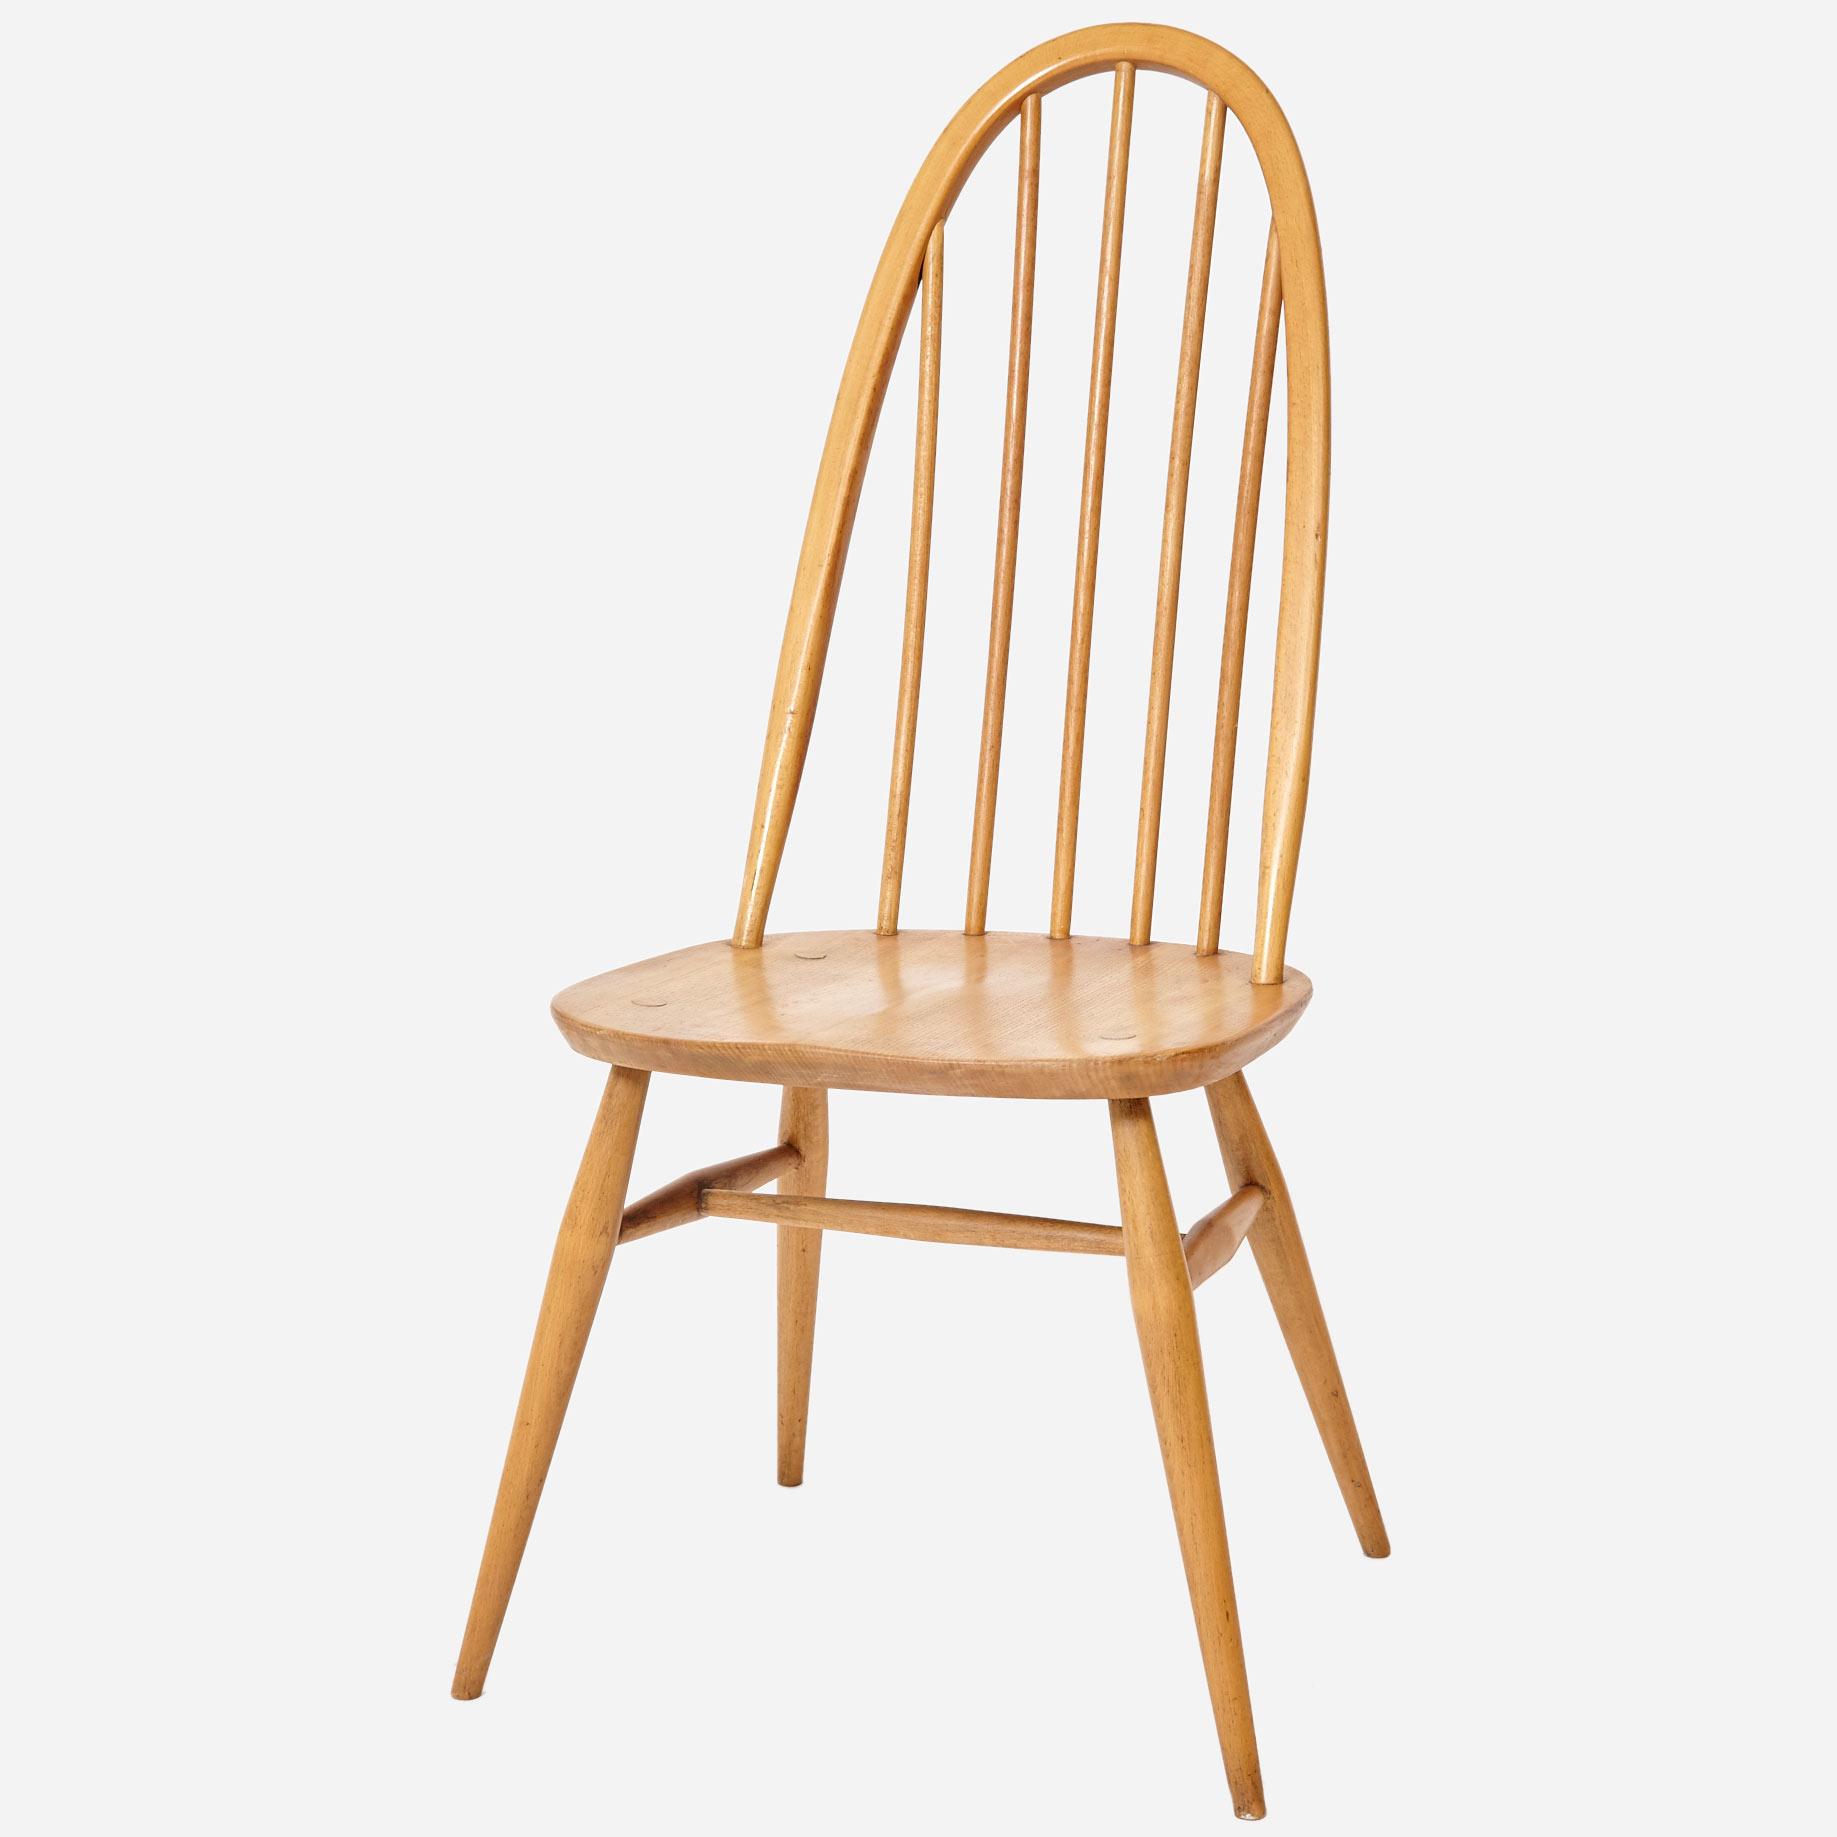 4er set ercol quaker chair aus england m bel z rich vintagem bel. Black Bedroom Furniture Sets. Home Design Ideas